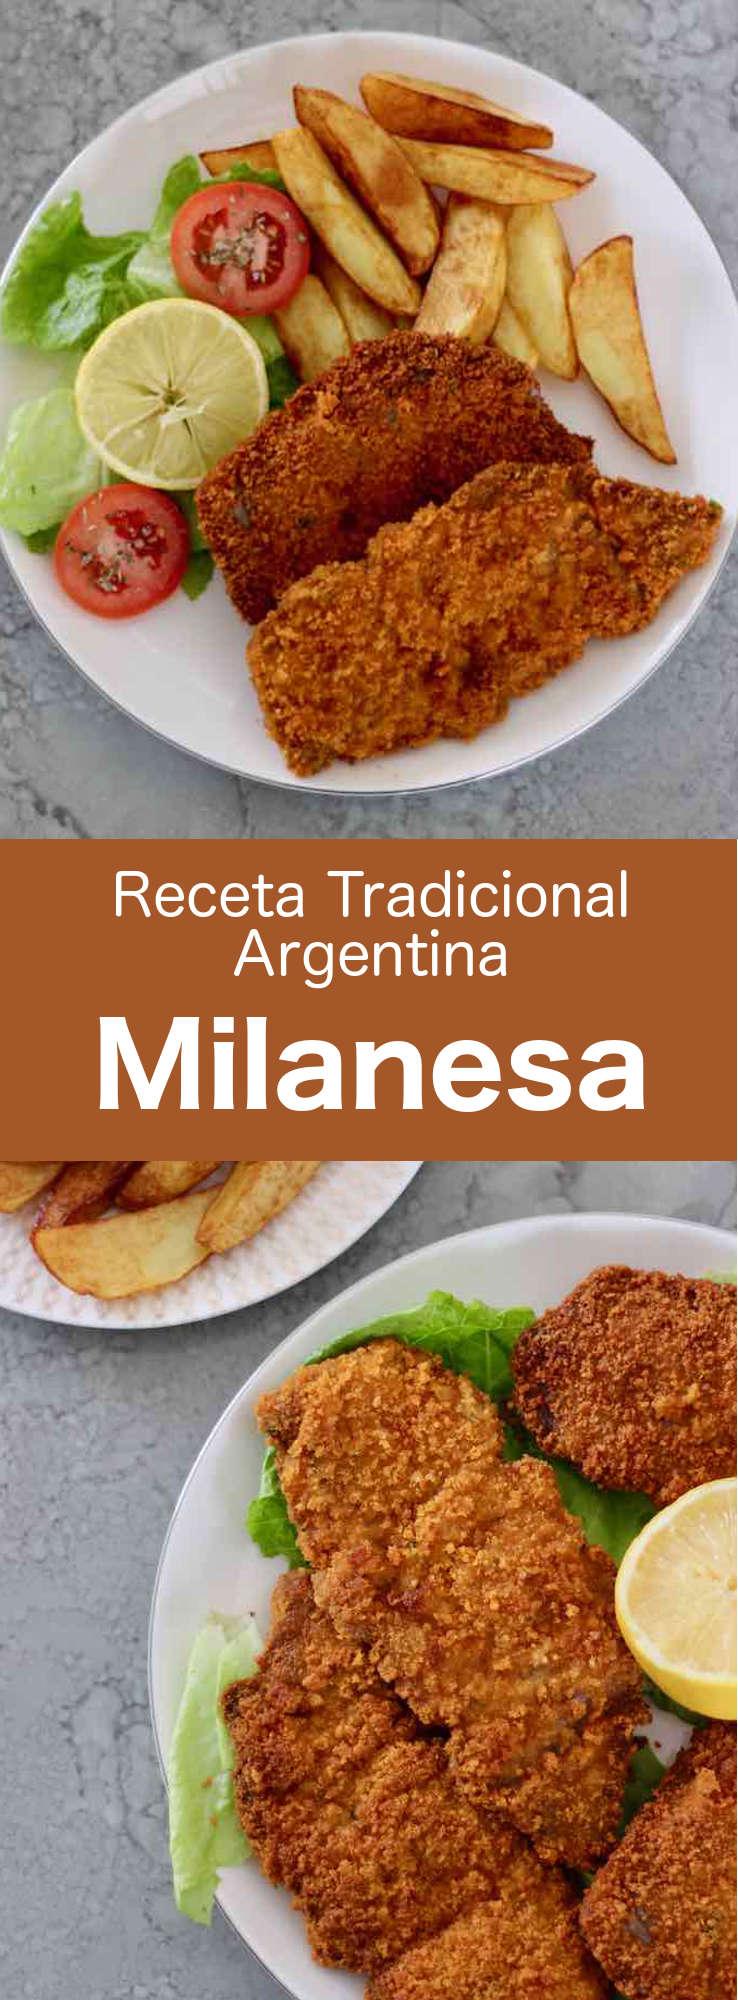 La milanesa argentina es una rebanada de carne empanada y frita, un clásico de la cocina sudamericana y una variante del famoso plato italiano de milanesa de ternera.